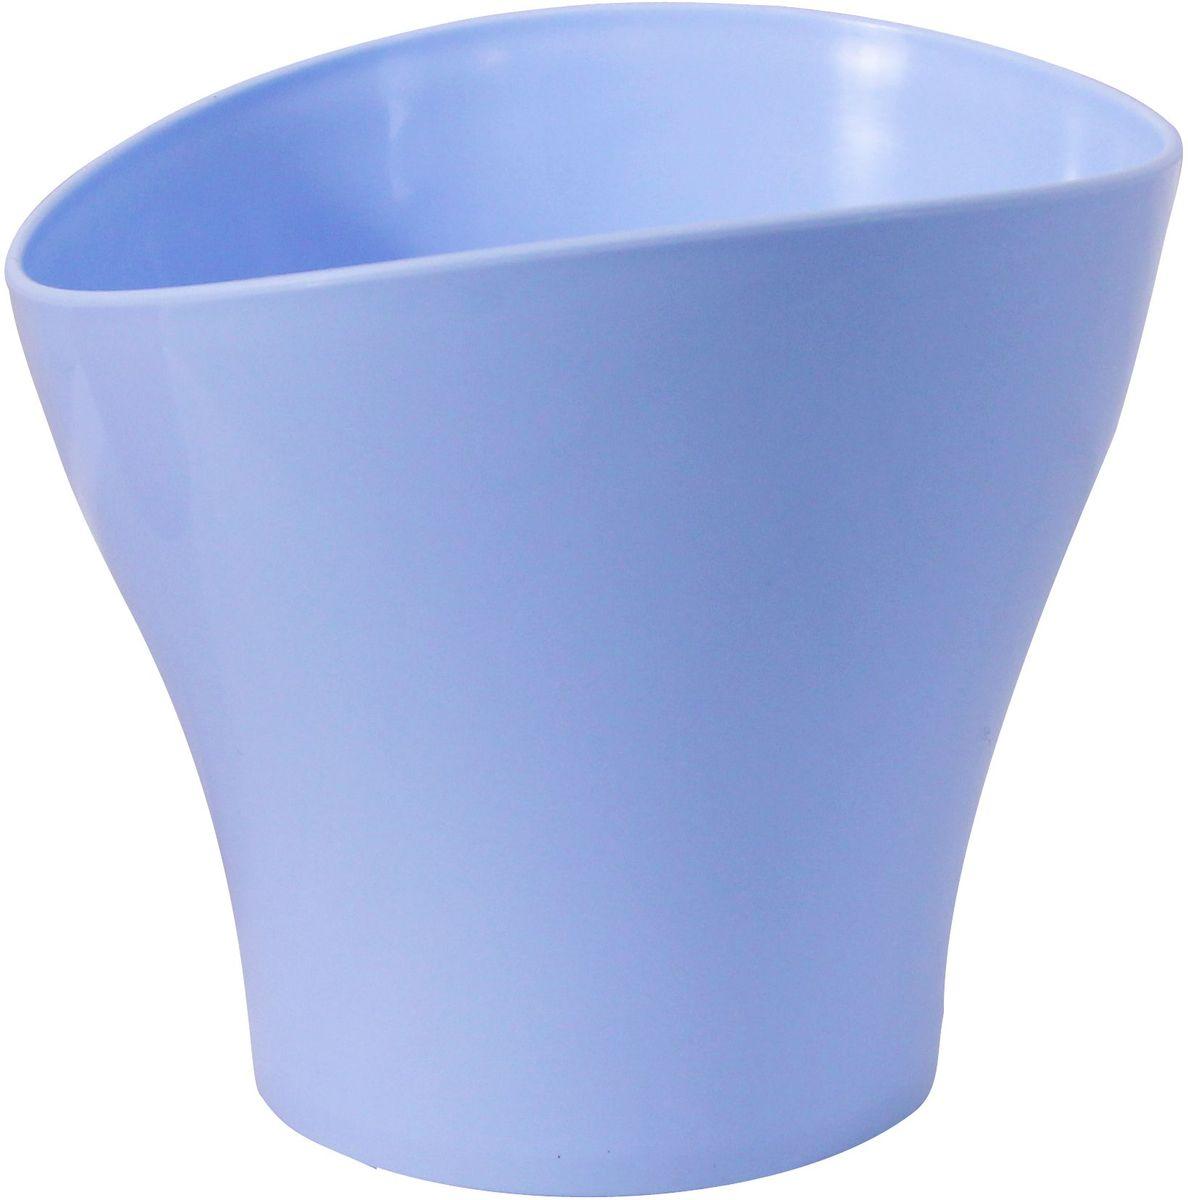 Кашпо Idea Волна, цвет: голубой, 800 мл531-402Кашпо Idea Волна изготовлено из прочного полипропилена (пластика) и предназначено для выращивания растений, цветов и трав в домашних условиях. Такое кашпо порадует вас функциональностью, а благодаря лаконичному дизайну впишется в любой интерьер помещения. Объем кашпо: 0,8 л.